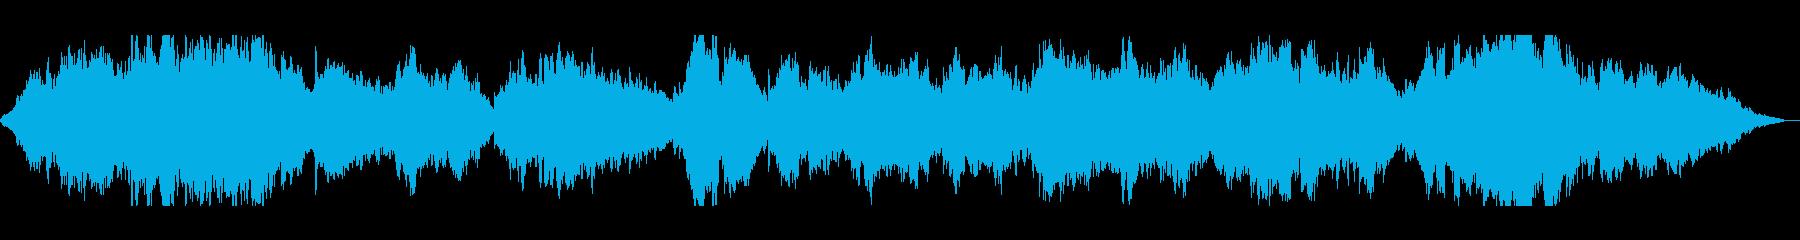 美しい子供のソプラノと温かいストリングスの再生済みの波形